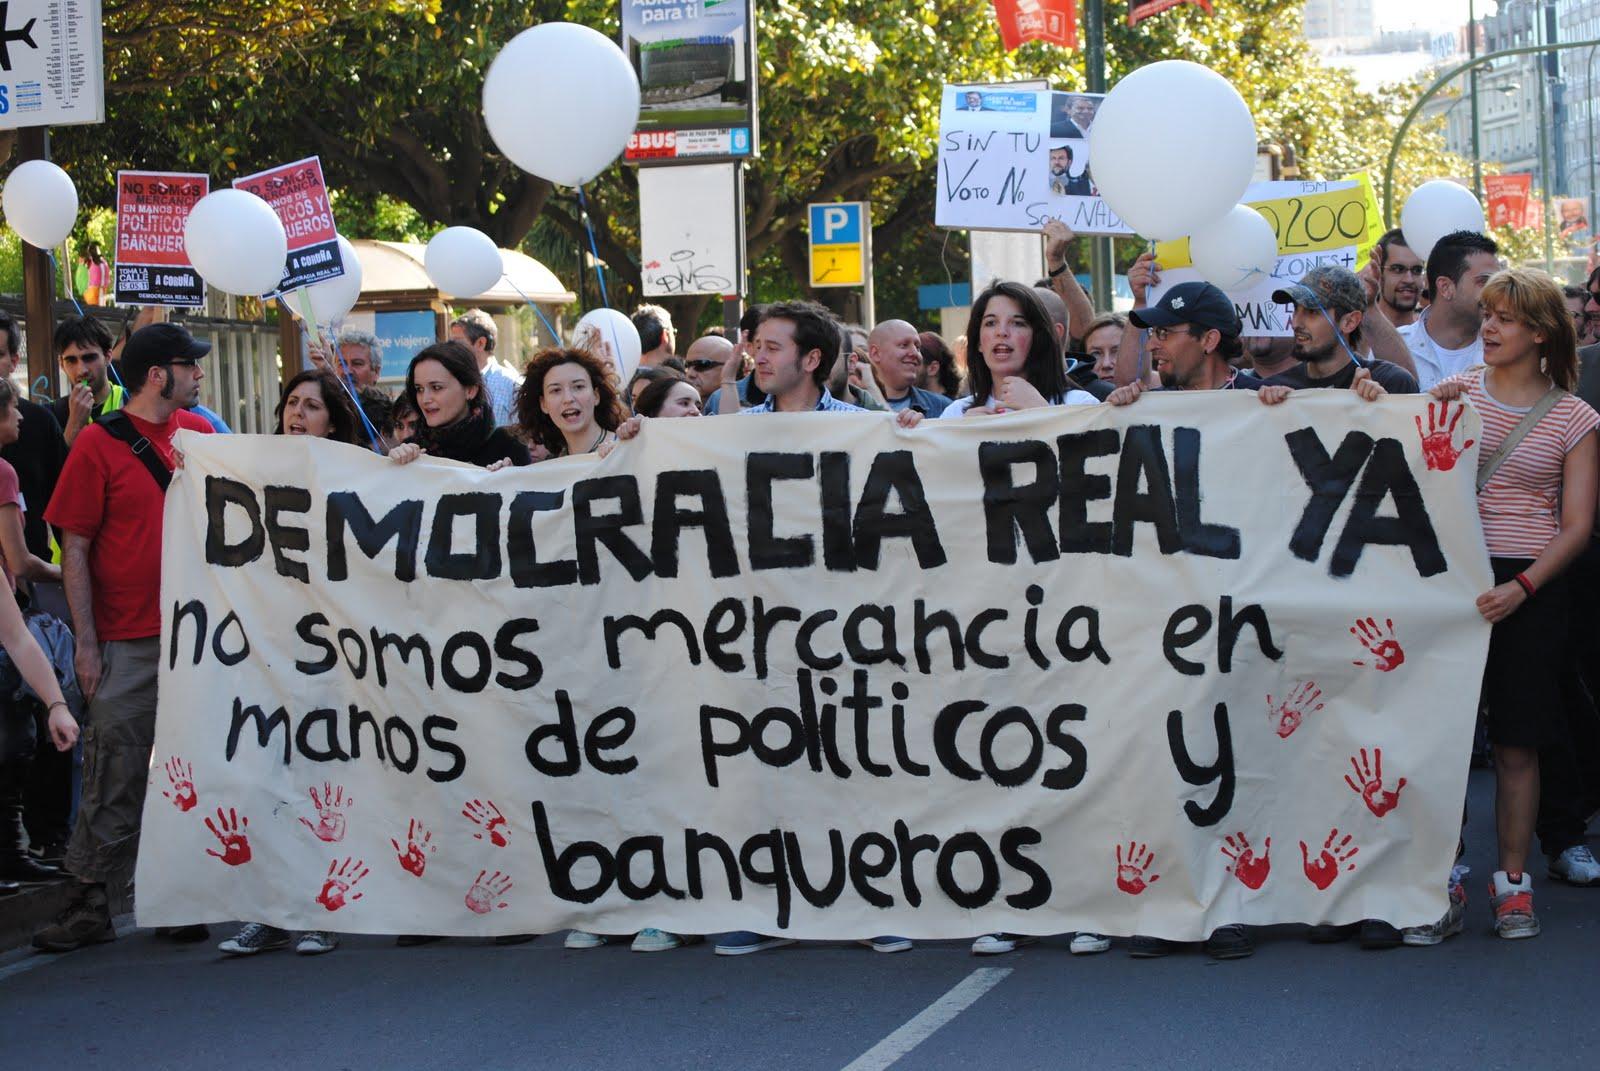 """Manifestación de los Indignados de Democracia Real Ya: """"No somos mercancía en manos de políticos y banqueros""""."""